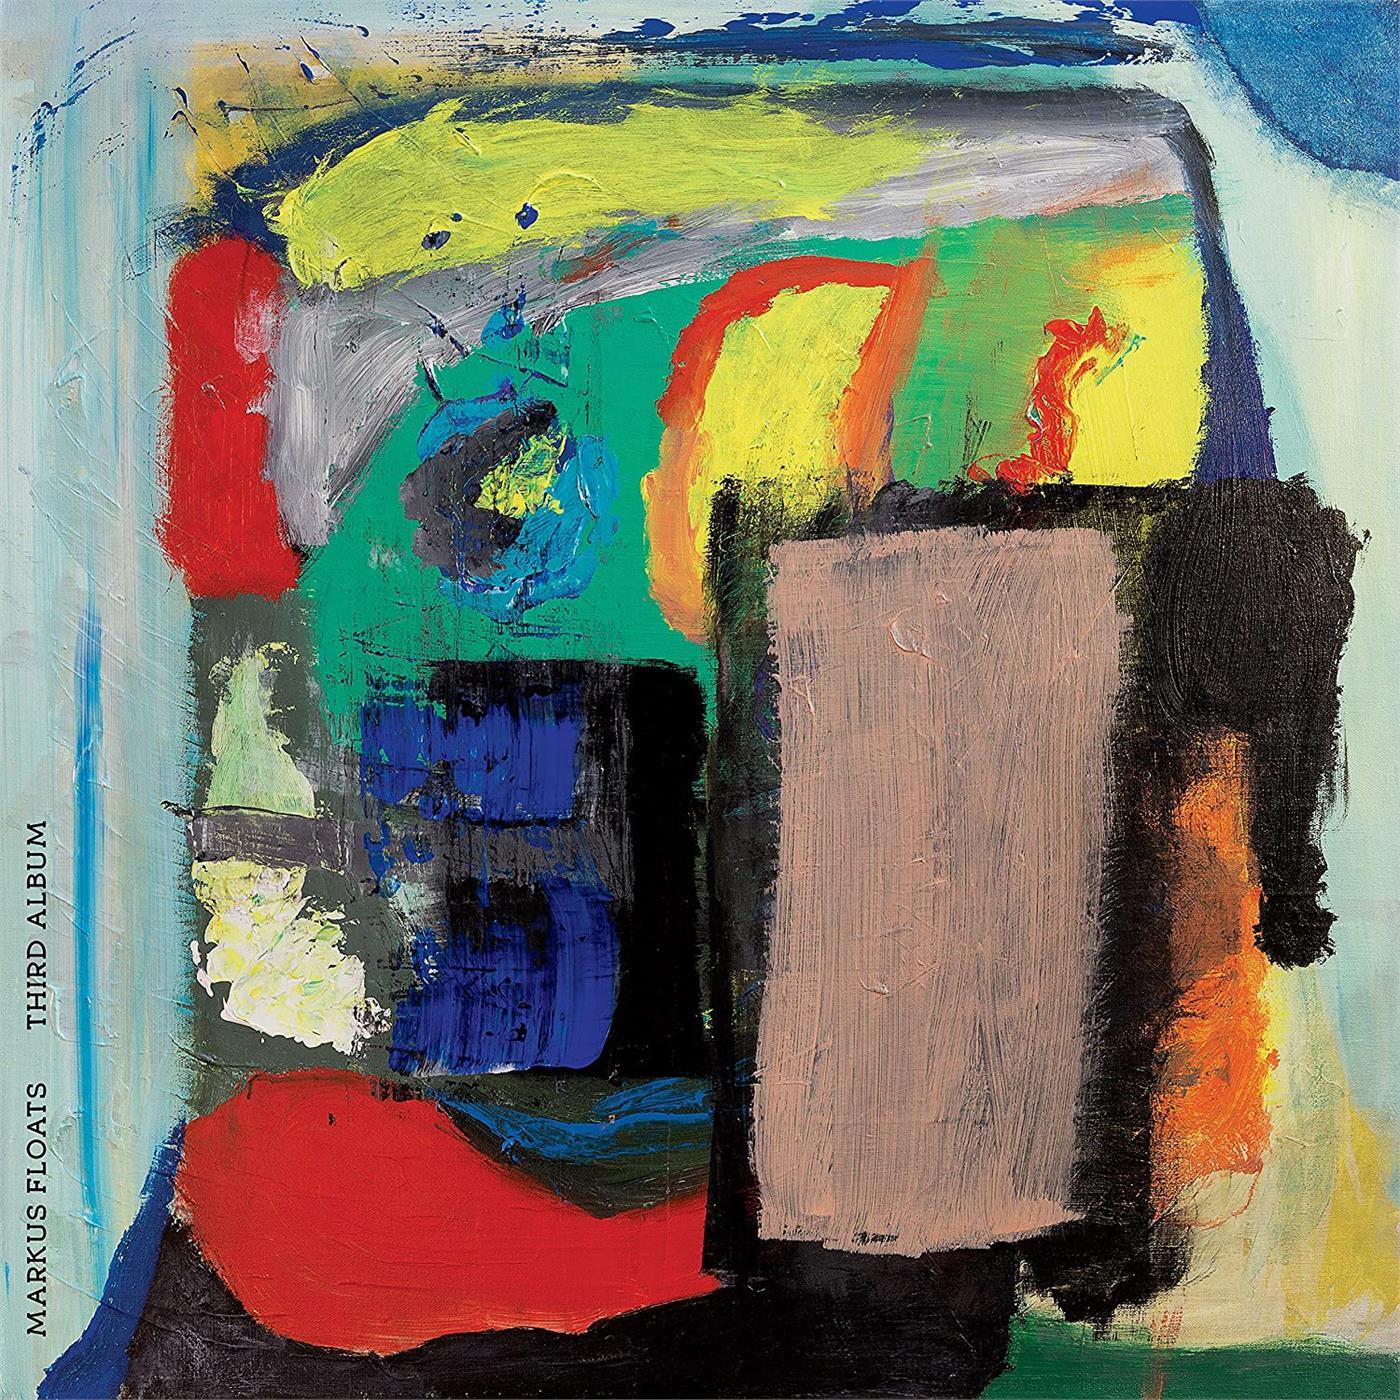 Markus Floats - Third Album [LP]